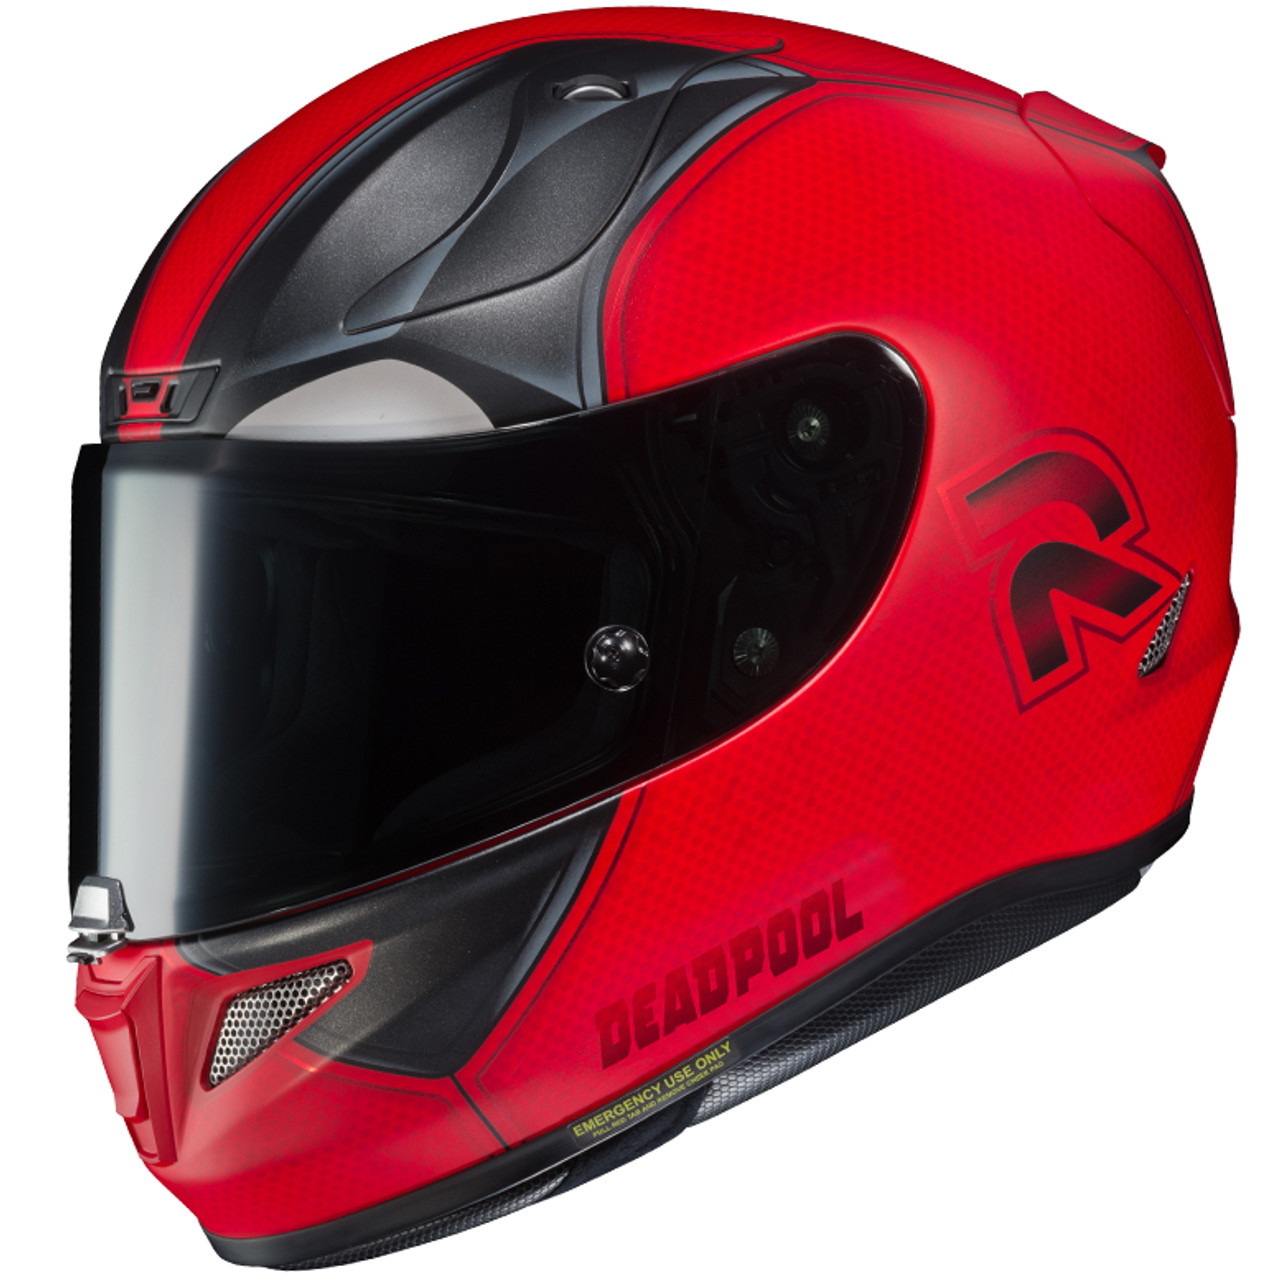 baf8c361d HJC RPHA 11 Pro Motorcycle Helmet - Marvel Deadpool II - Get Lowered Cycles